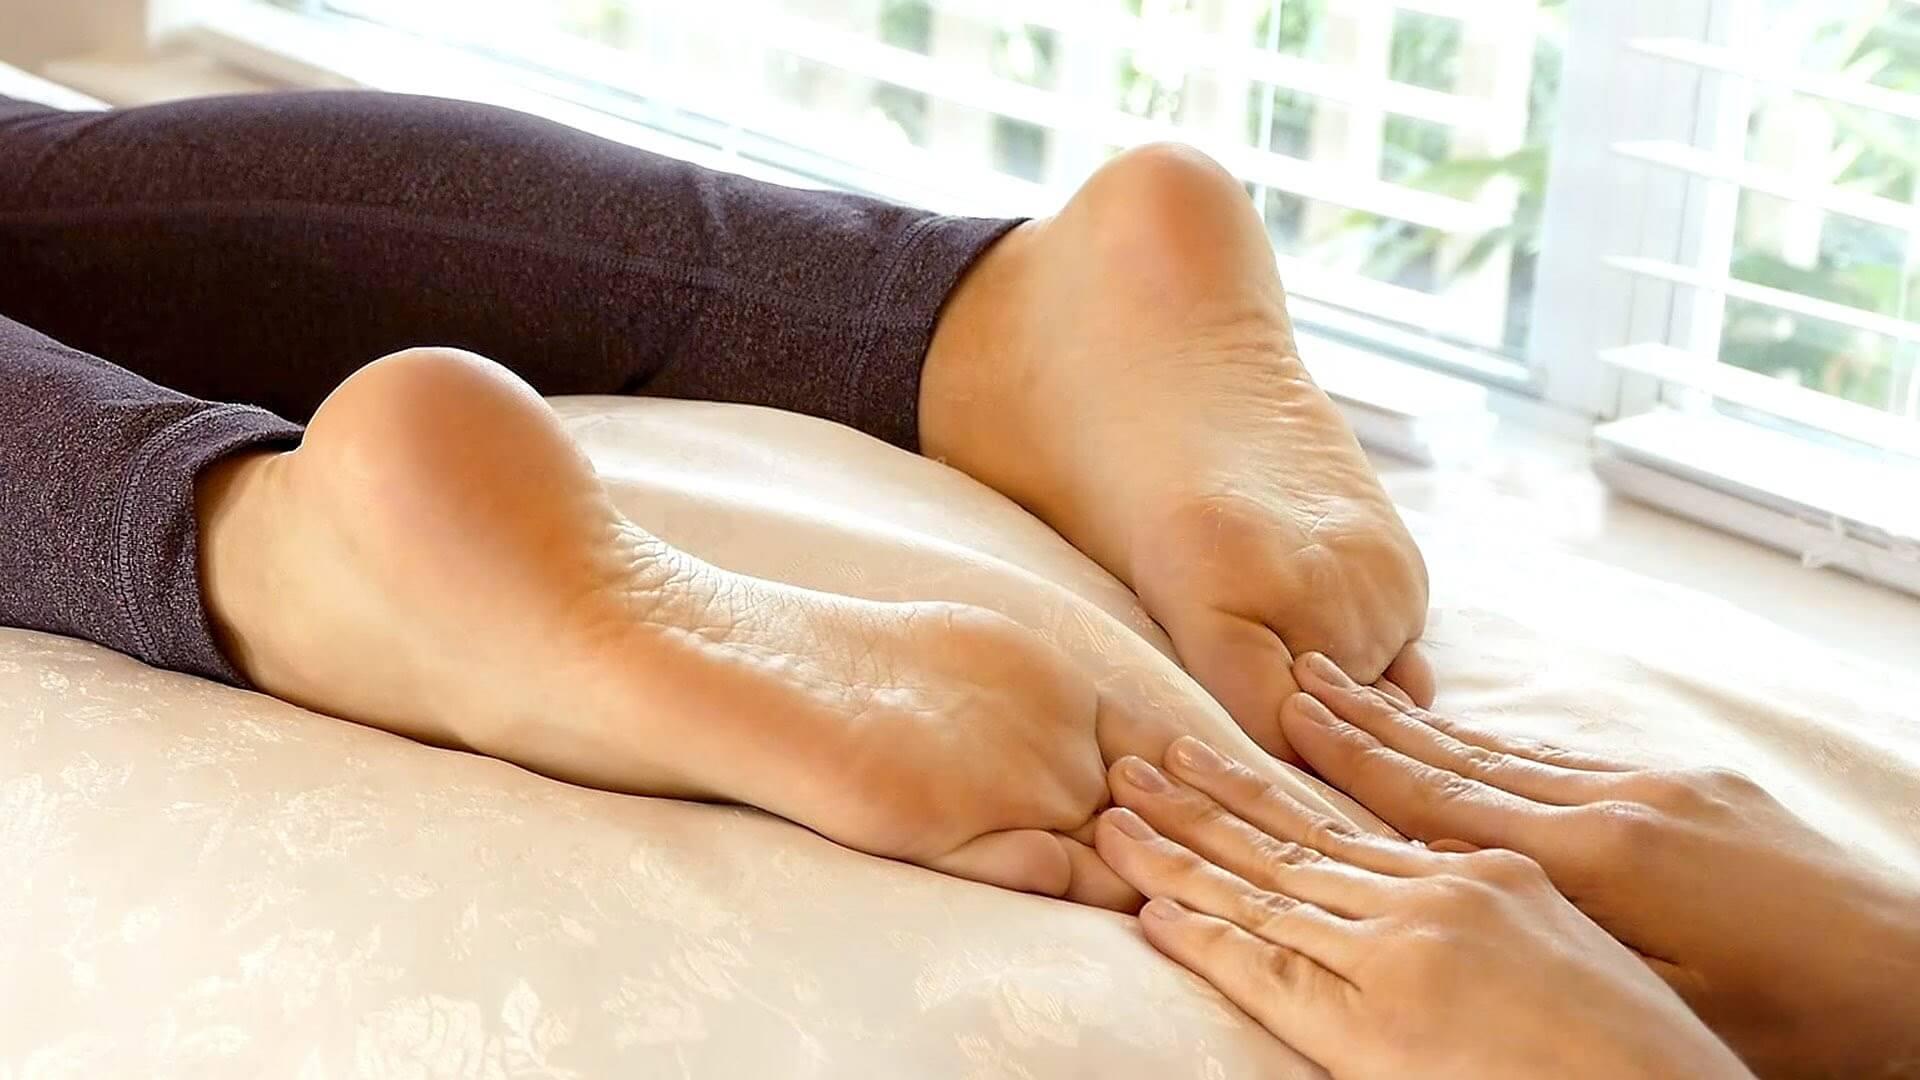 voetenmassage